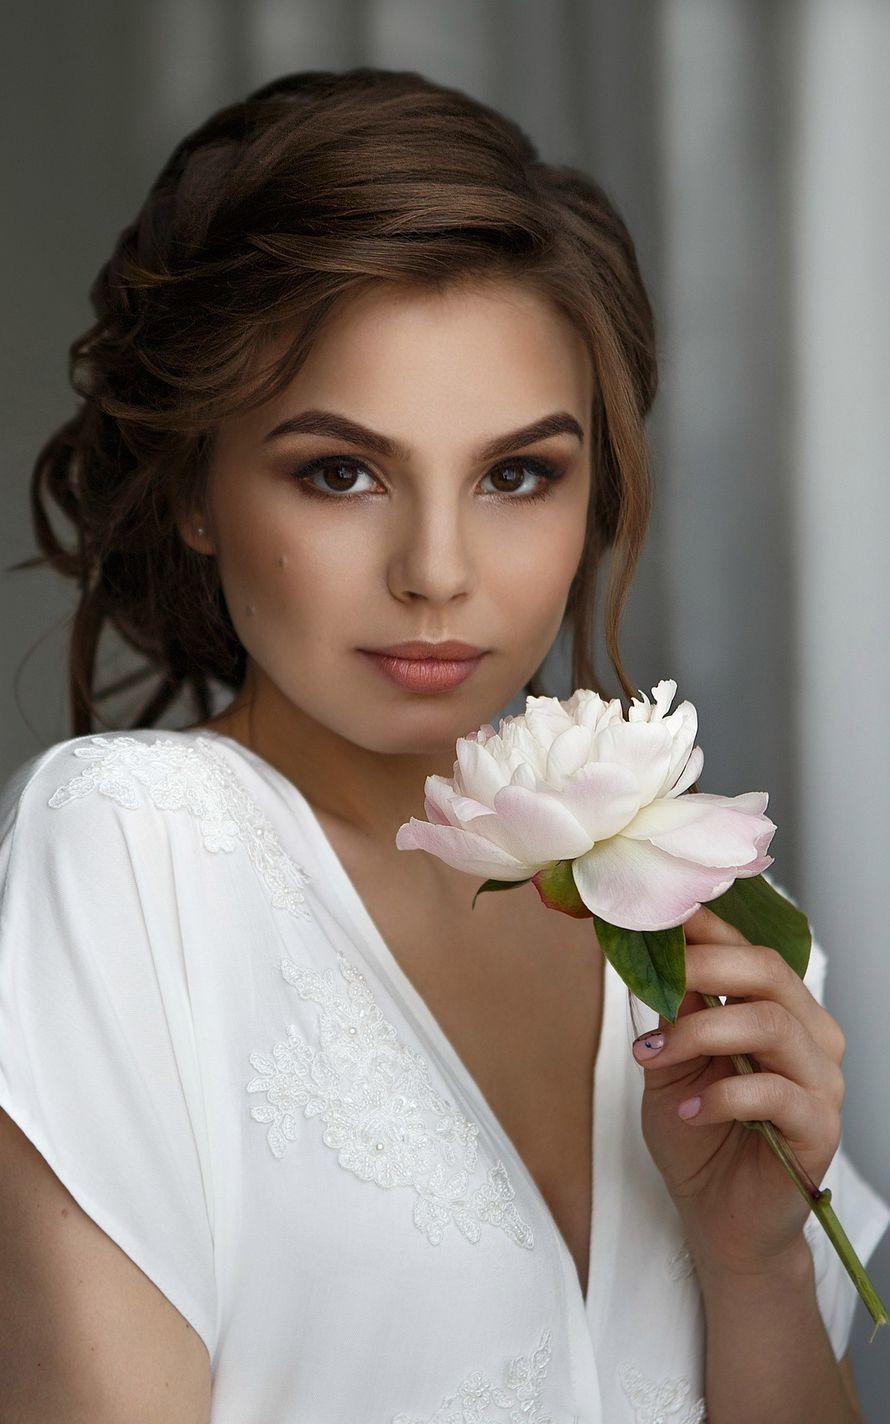 Фото 15478674 в коллекции Wedding - Фотограф Светлана Матонкина